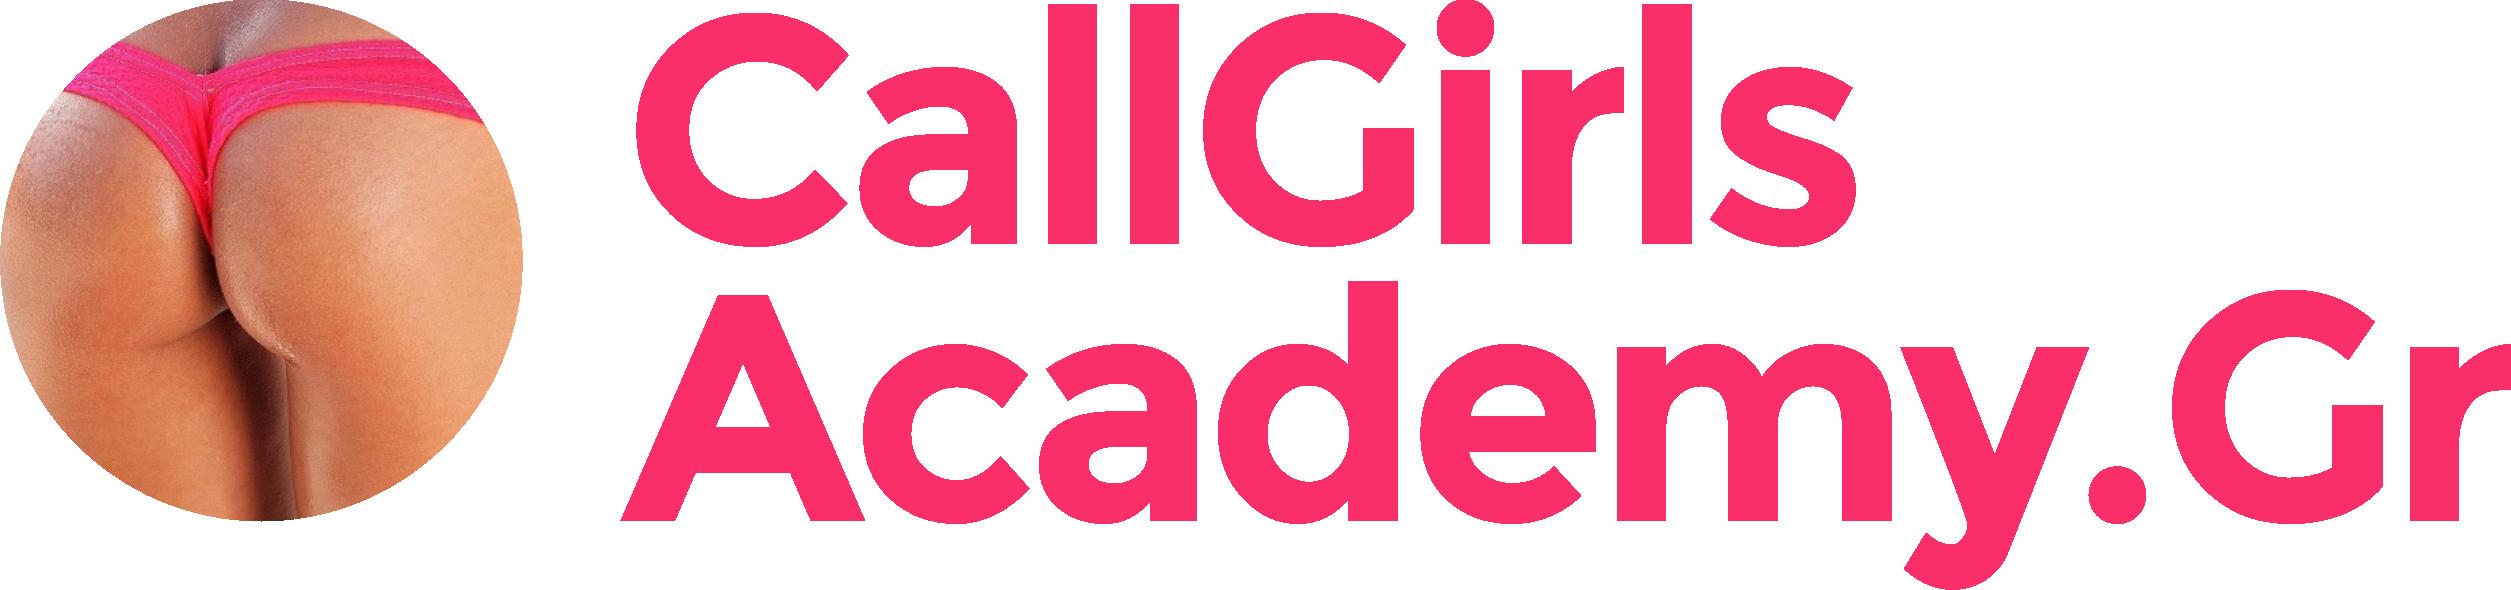 CALLGIRLSACADEMY_LOGO PRESENTATION_SEMIFINAL